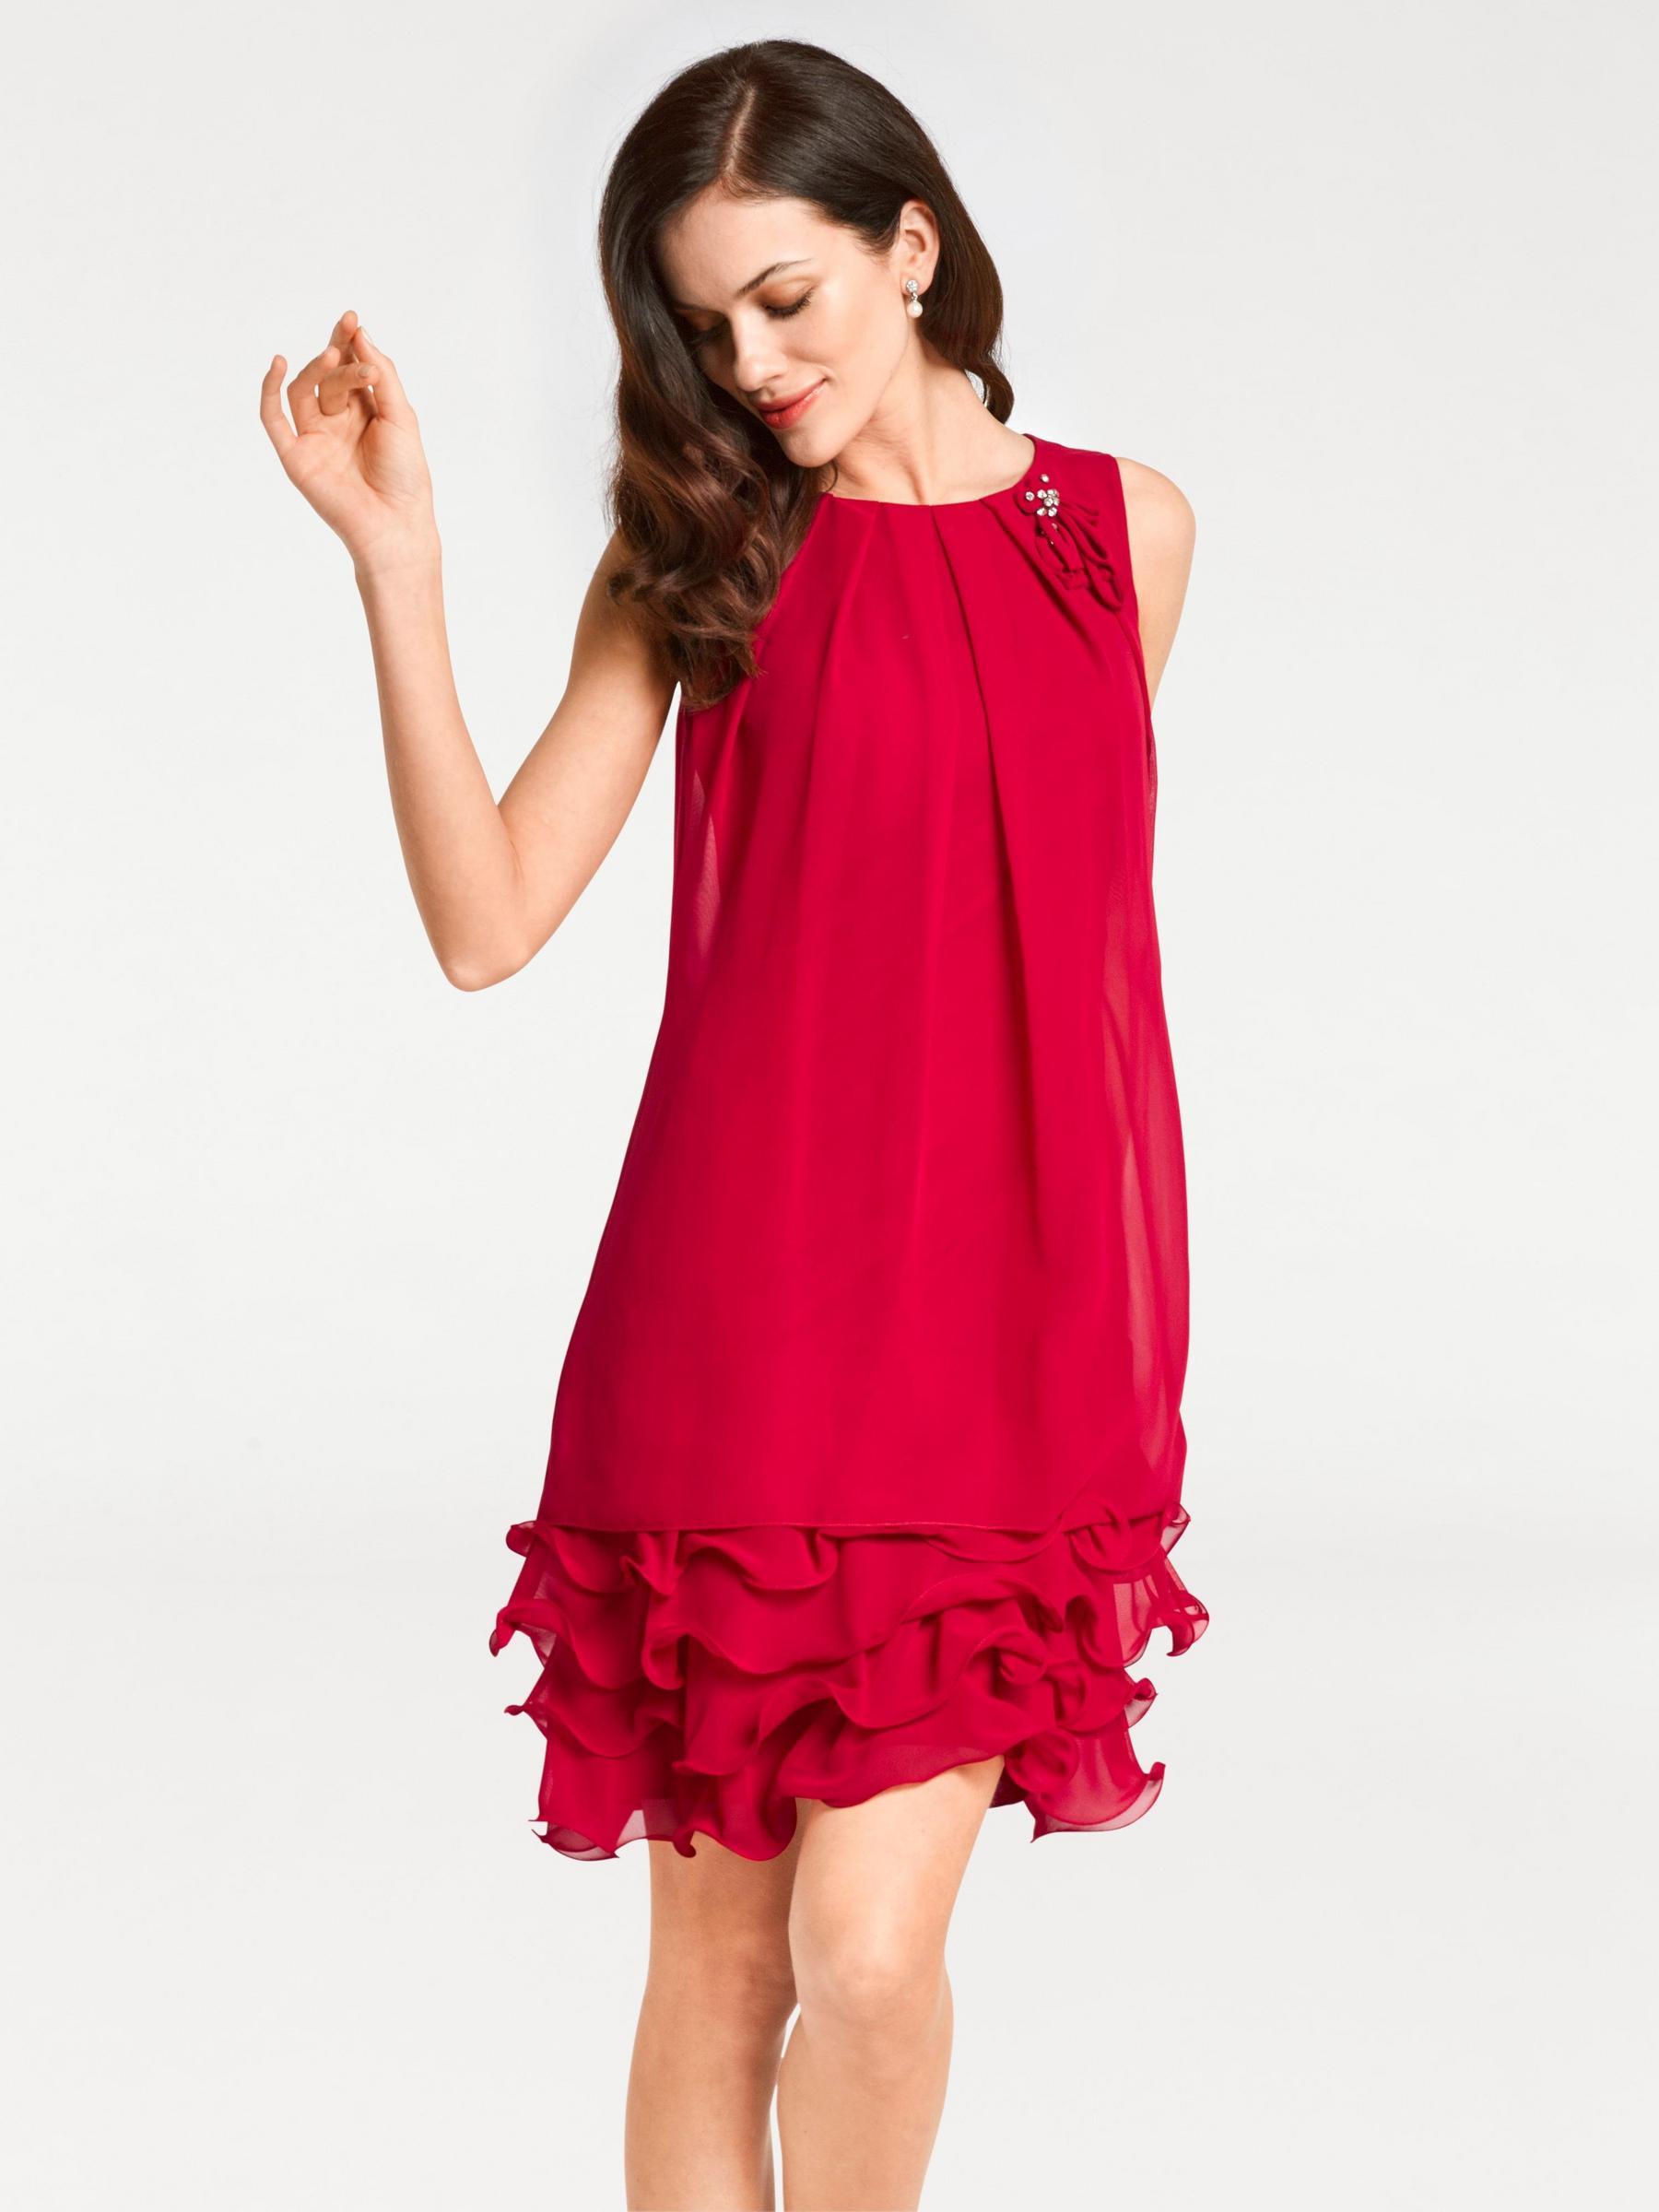 robe à volants bas, sans manches et rouge comme la passion pour des soirées élégantes mais endiablées